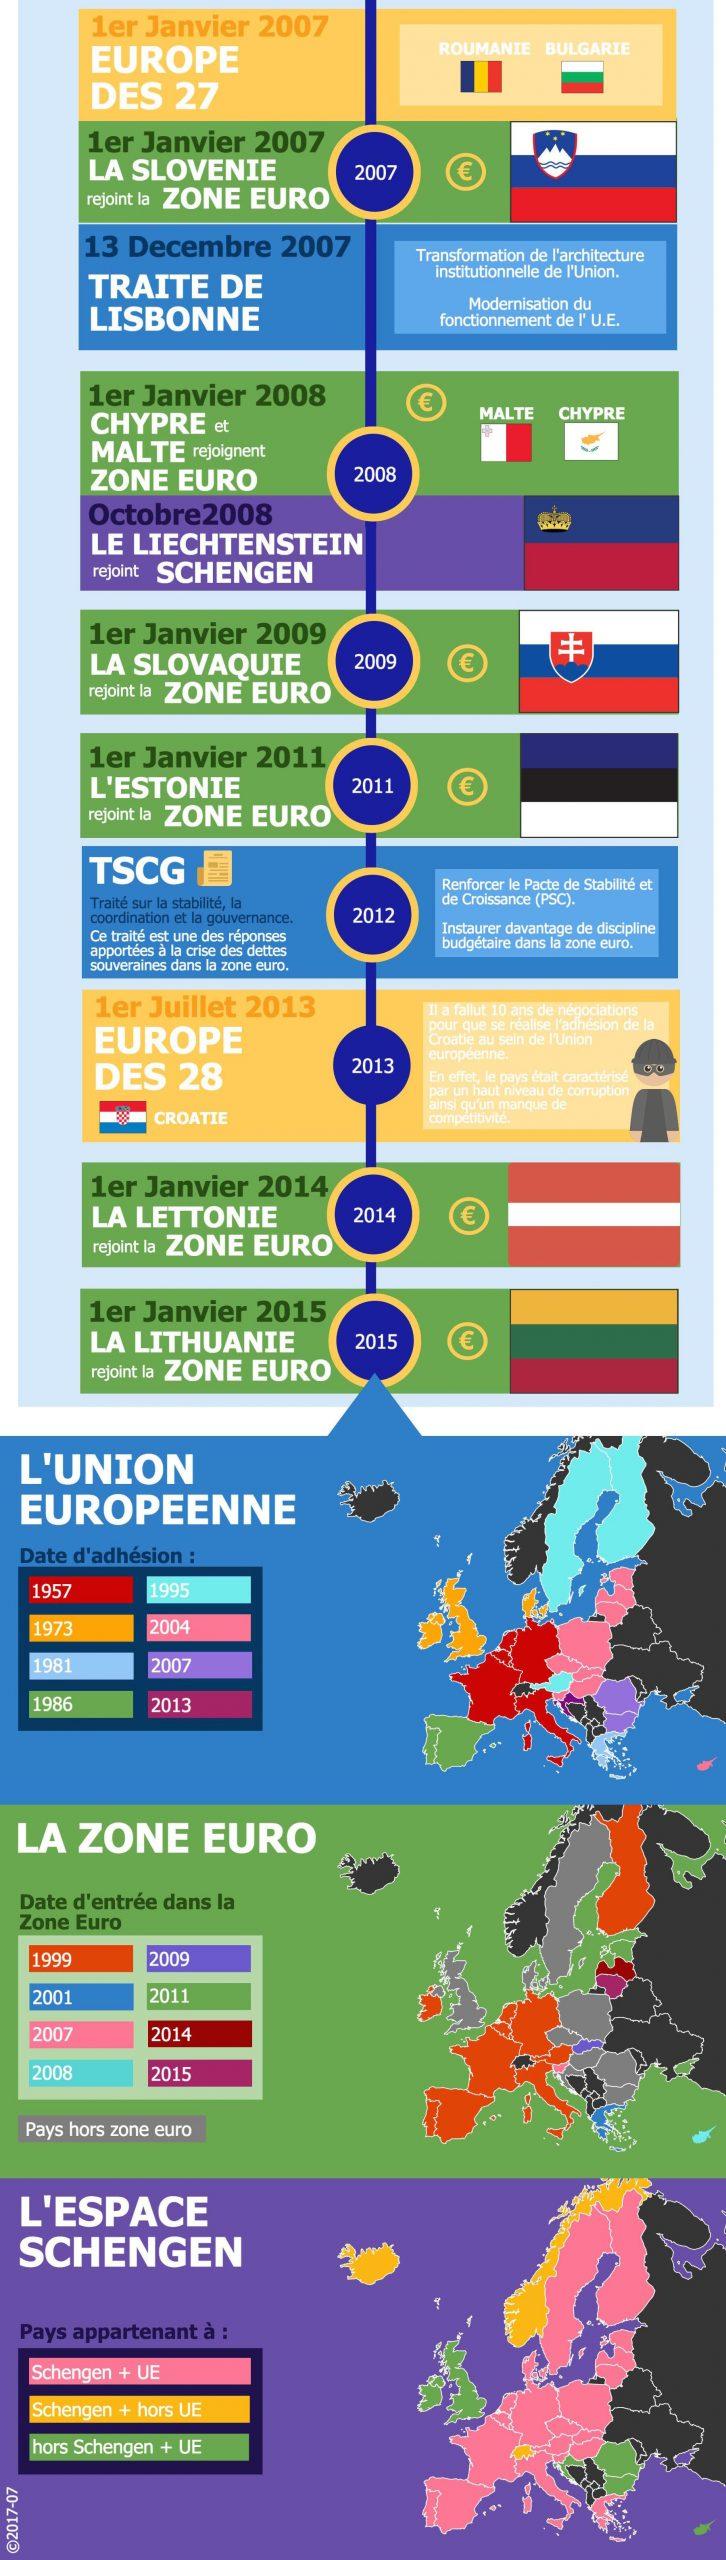 Histoire De La Construction Europeenne - L'éco En Schémas concernant Carte Construction Européenne